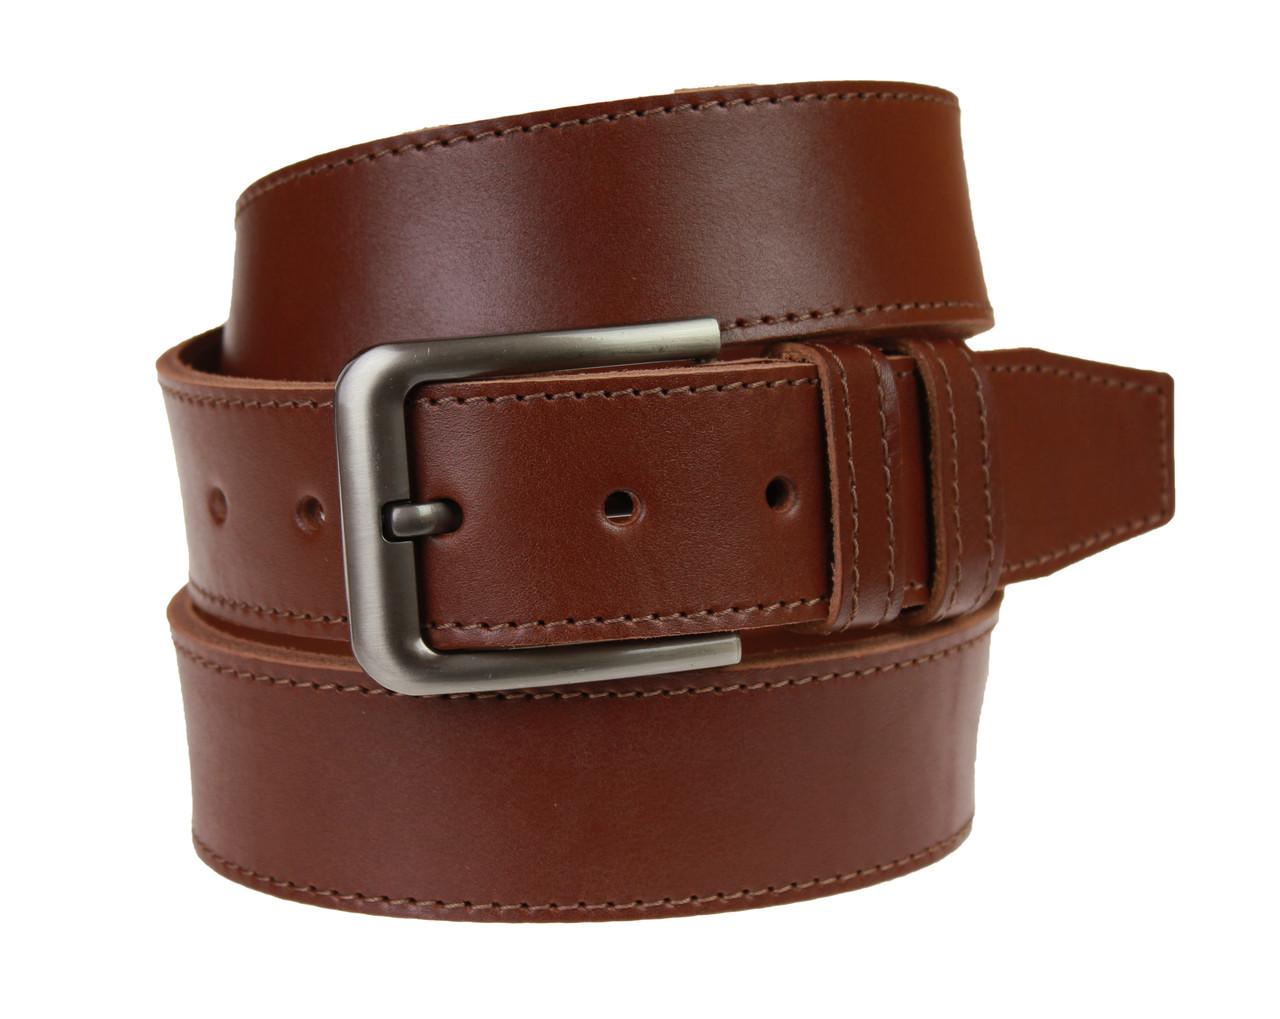 Ремень мужской кожаный джинсовый одна строчка SULLIVAN  RMK-96(8.5) 115-150 см светло-коричневый